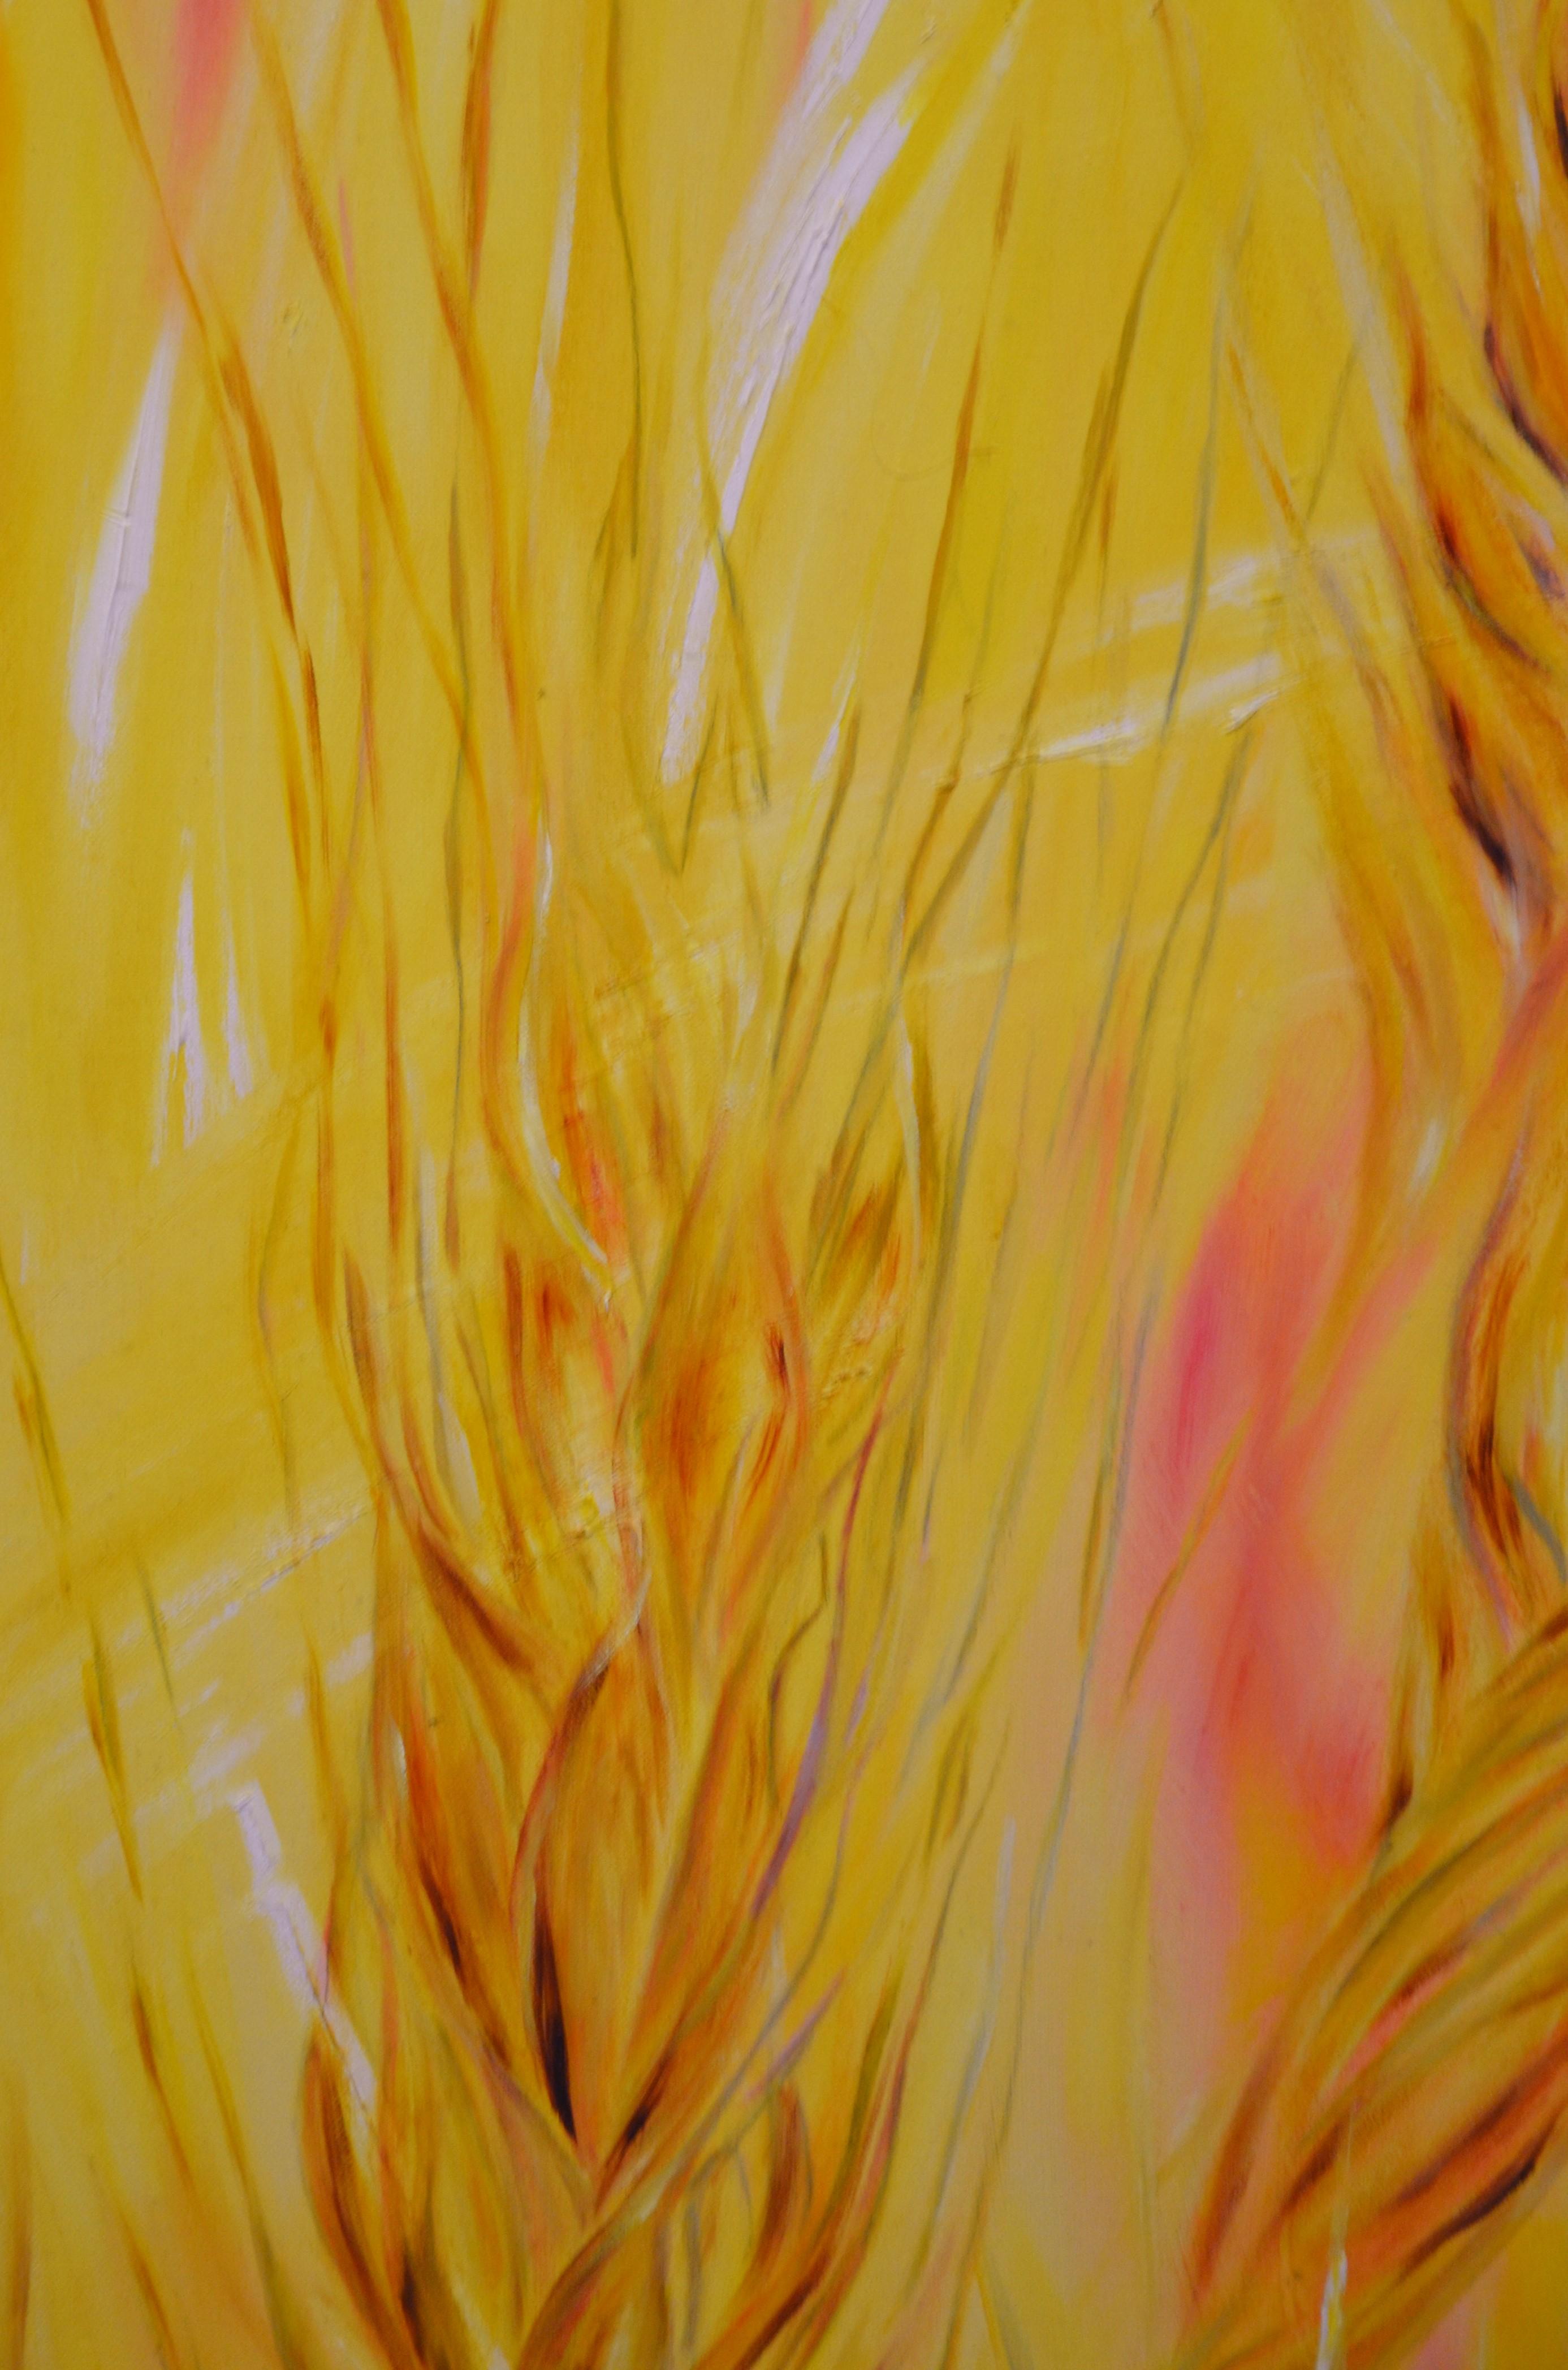 wheat-2